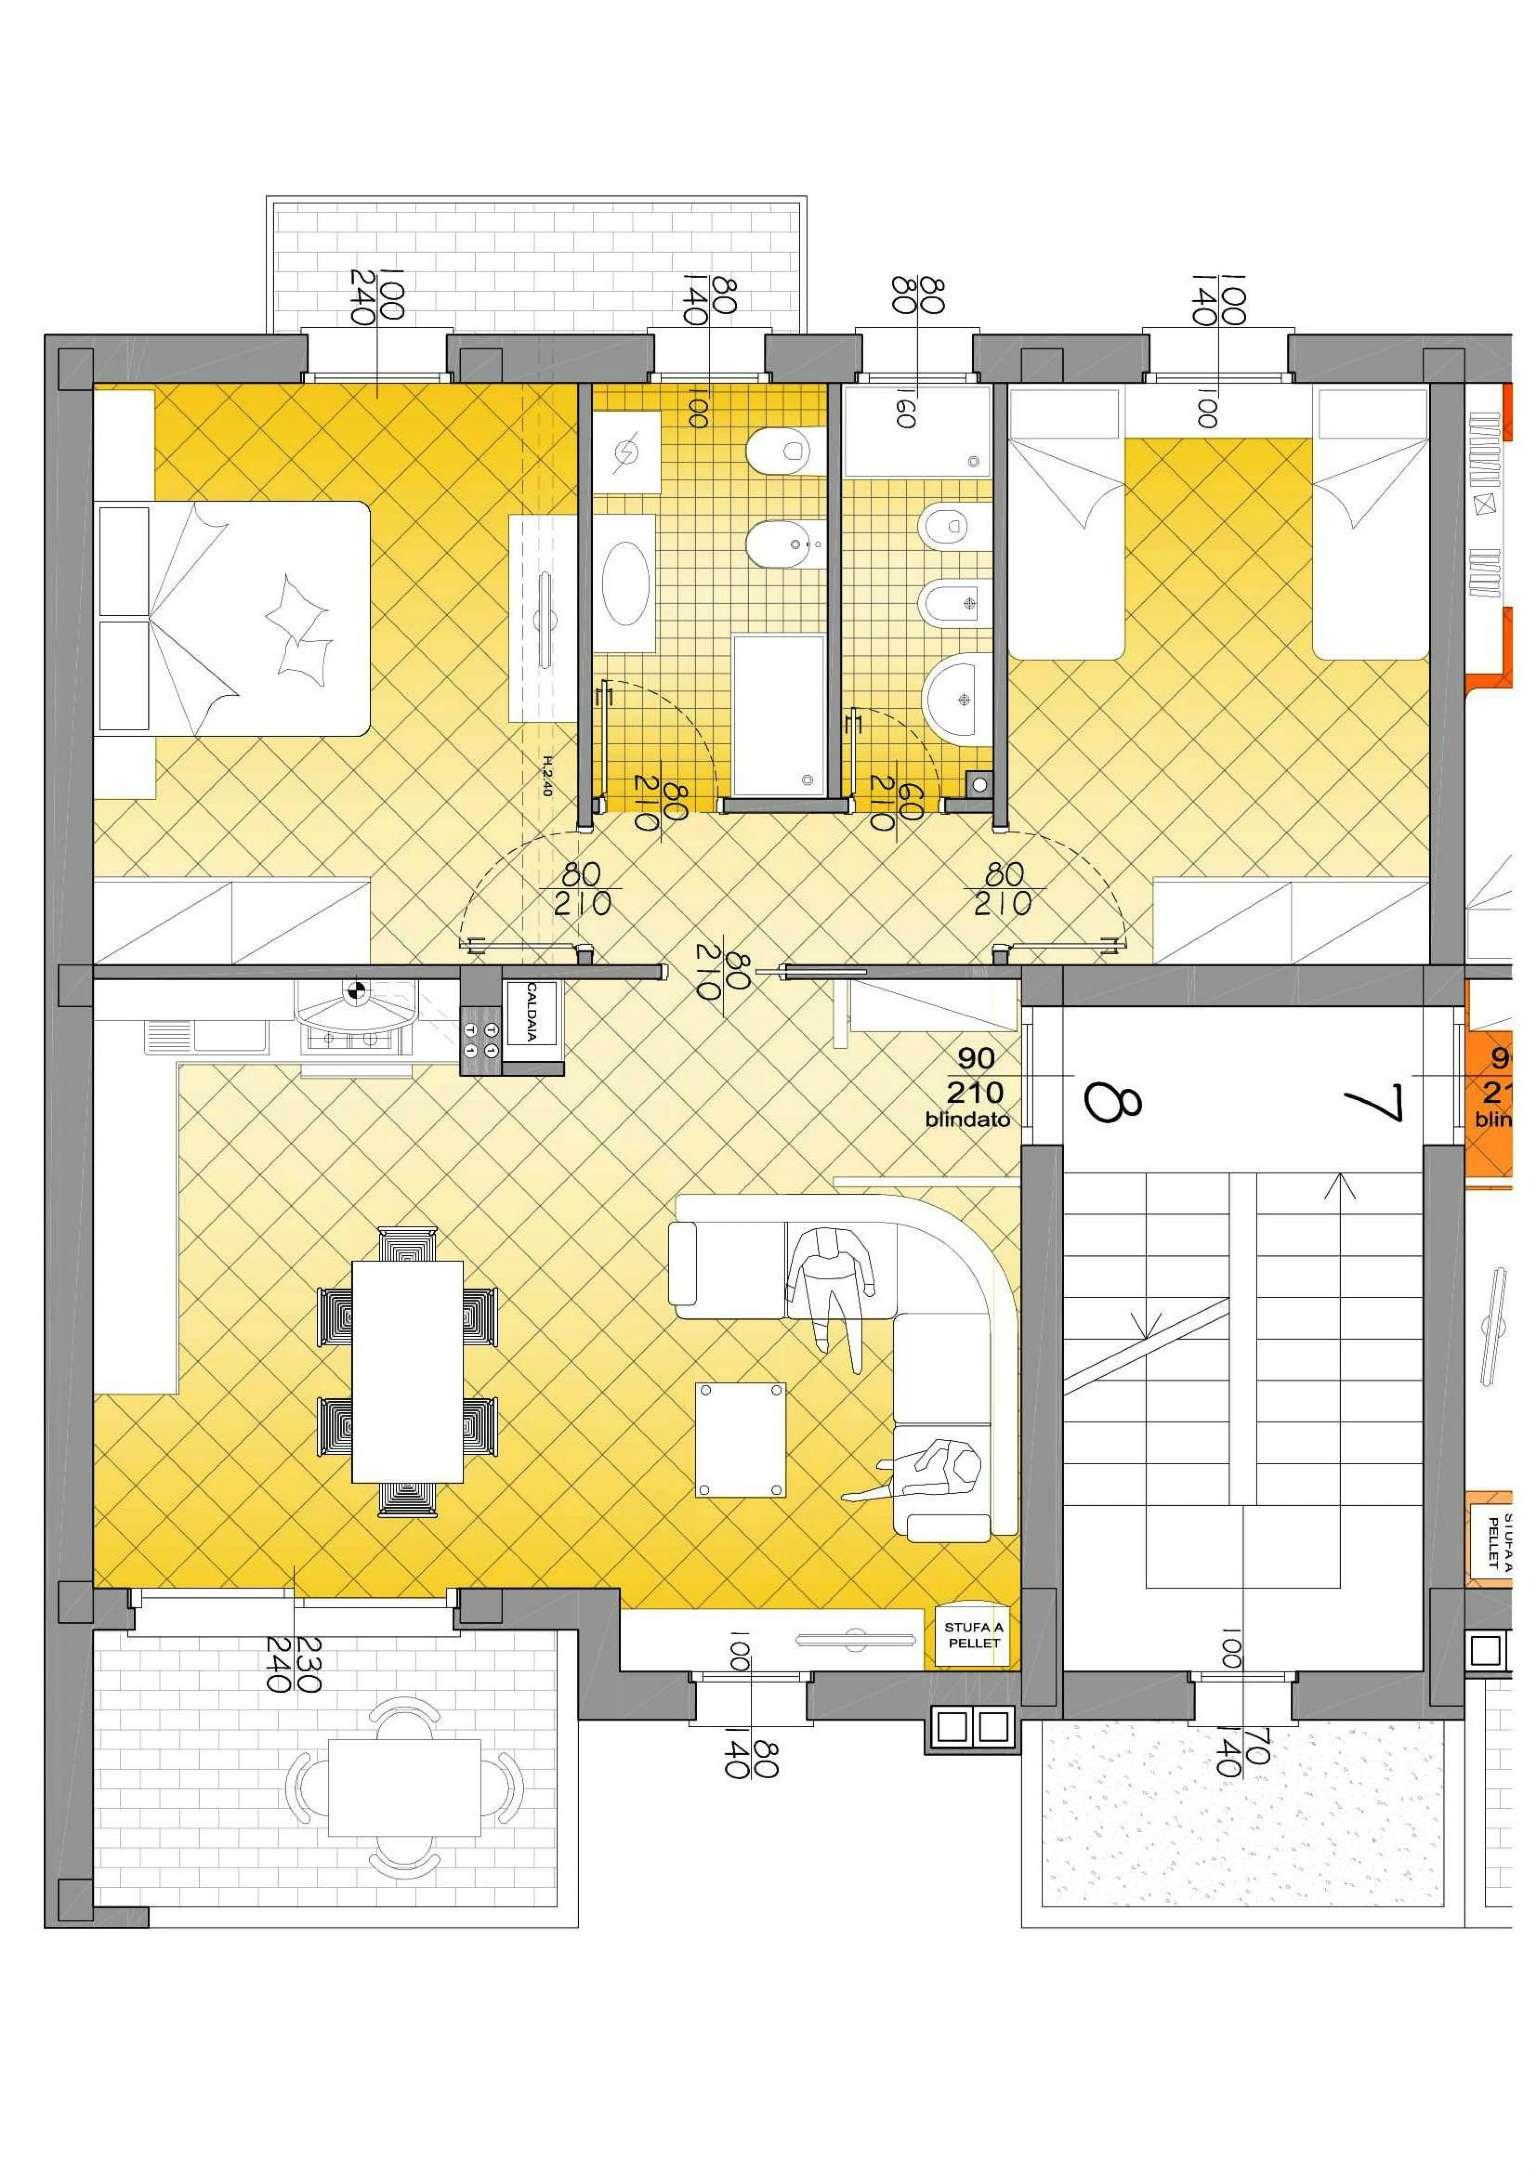 Appartamento in vendita a Edolo, 4 locali, prezzo € 130.000 | CambioCasa.it